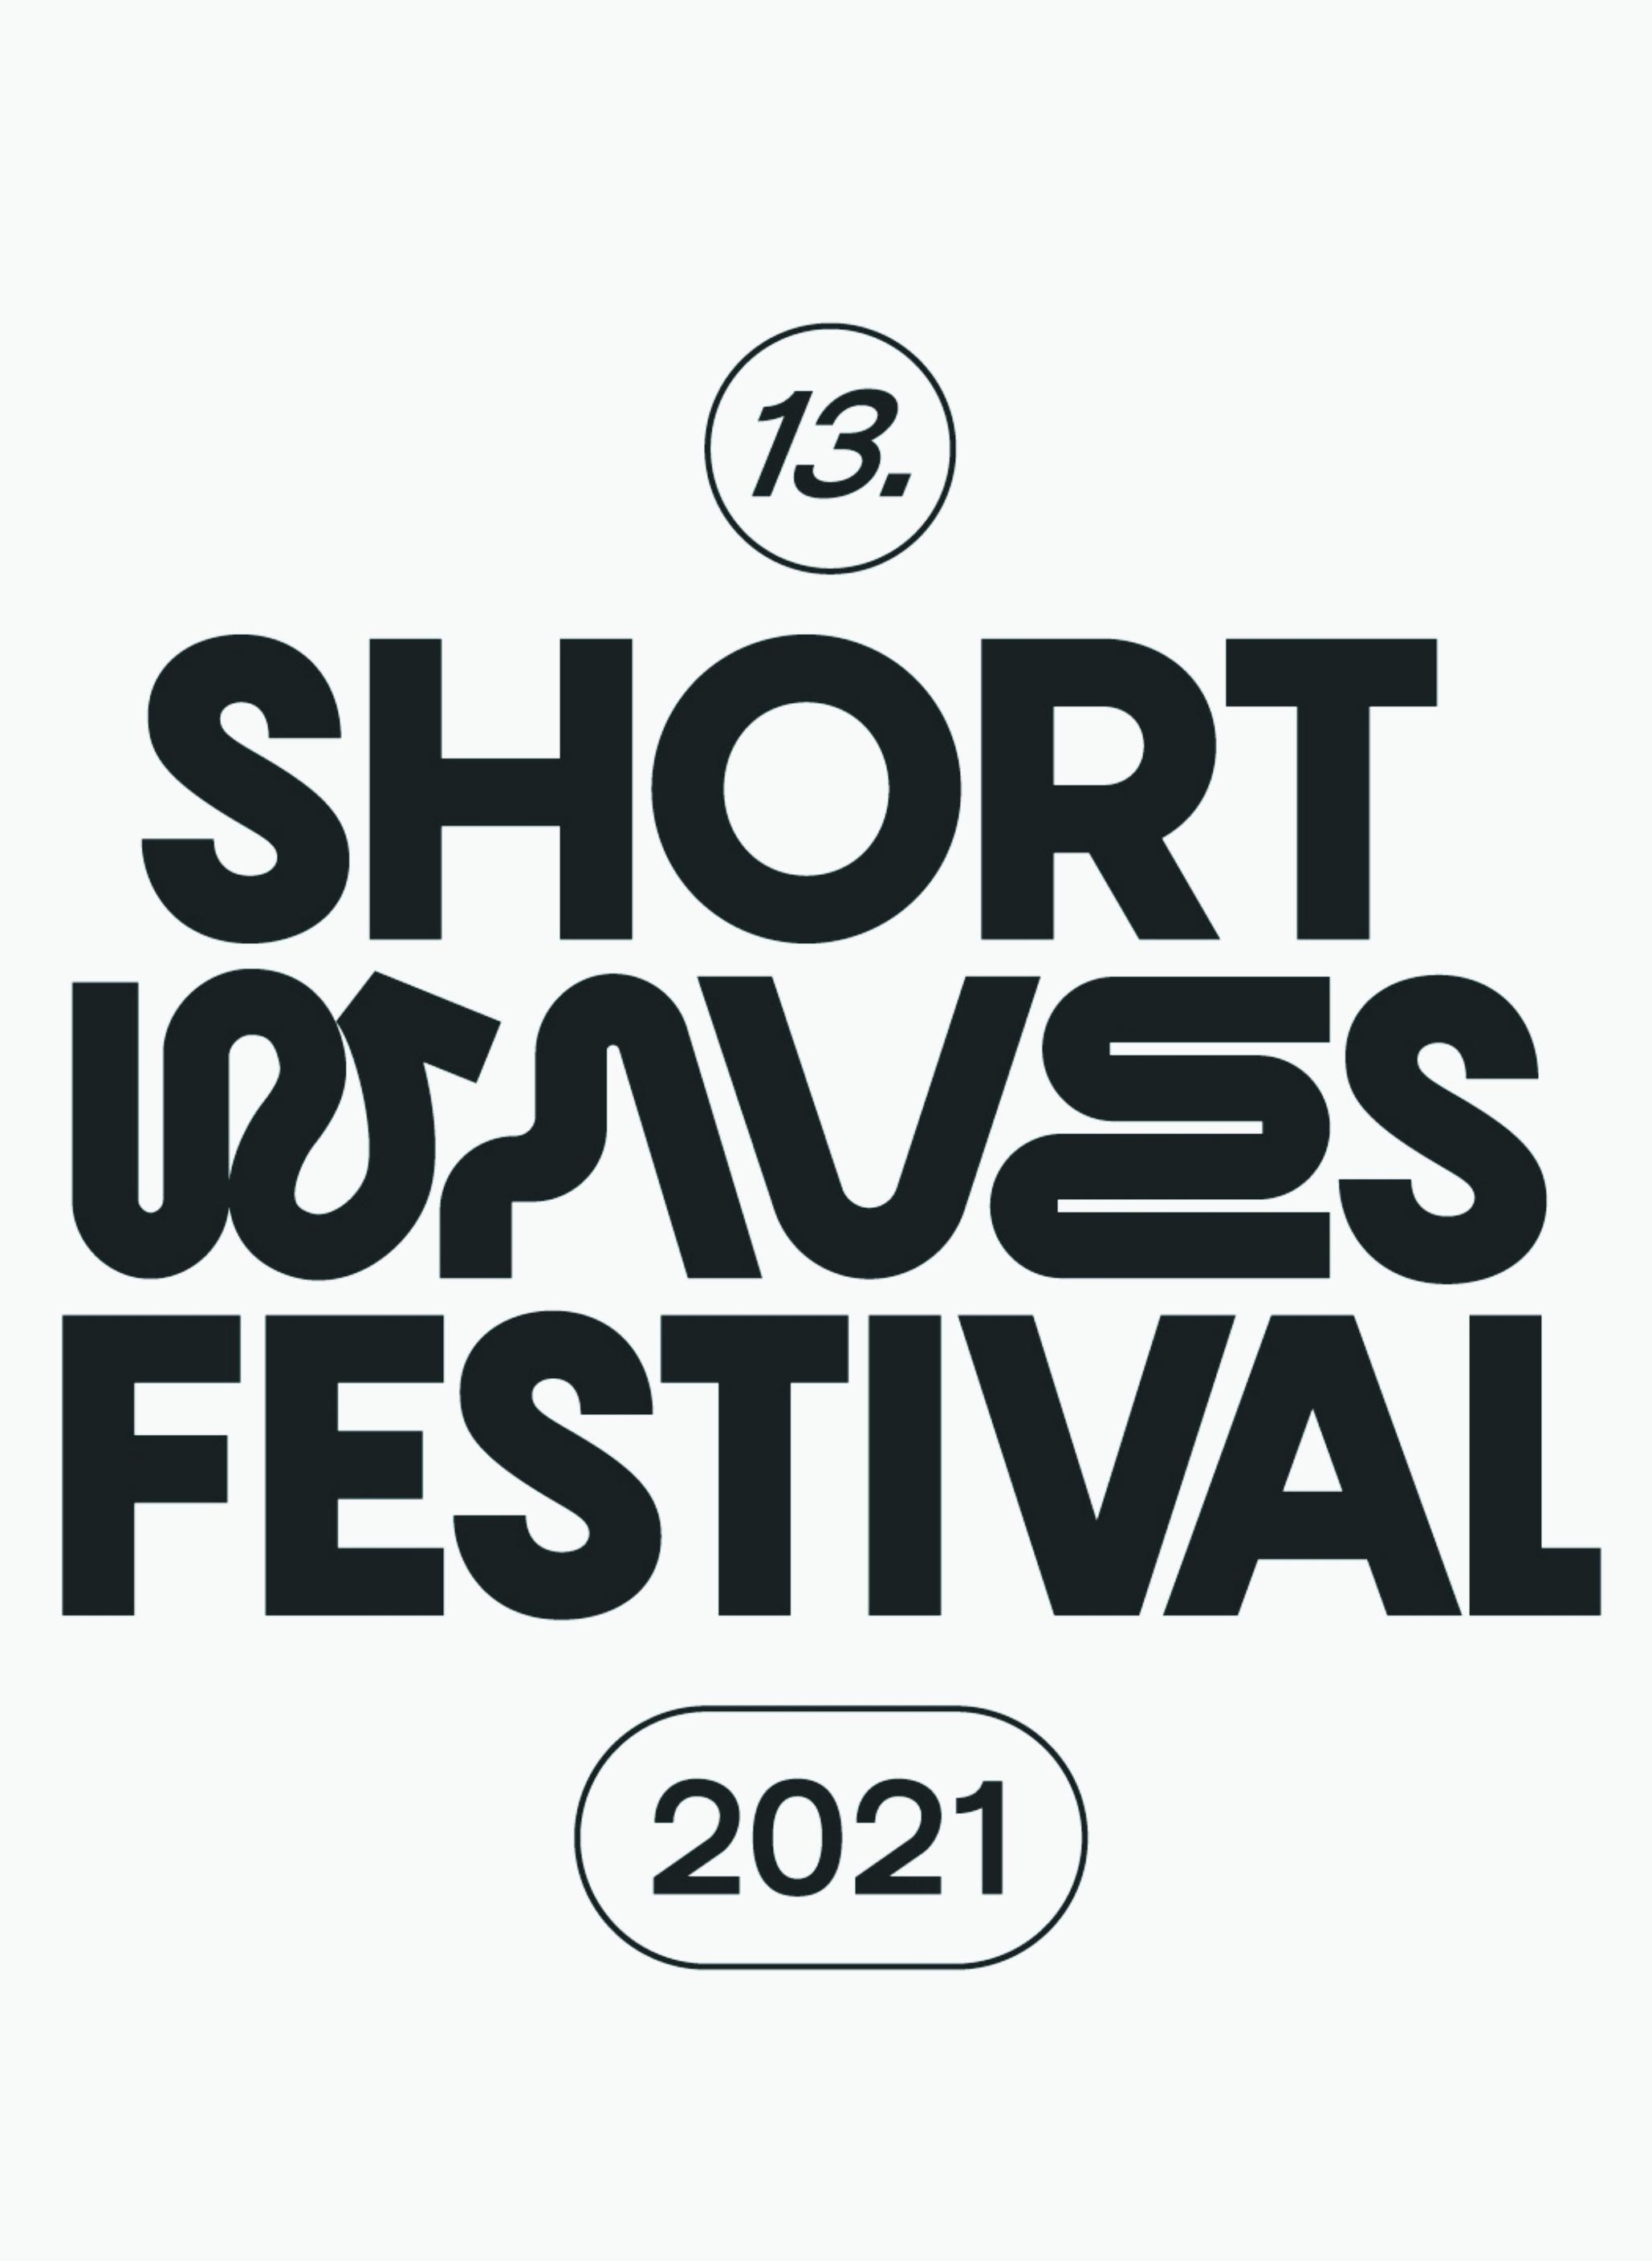 Short Waves Festival 2021 - Four Perspectives on Solidarity: Prawa kobiet są prawami człowieka